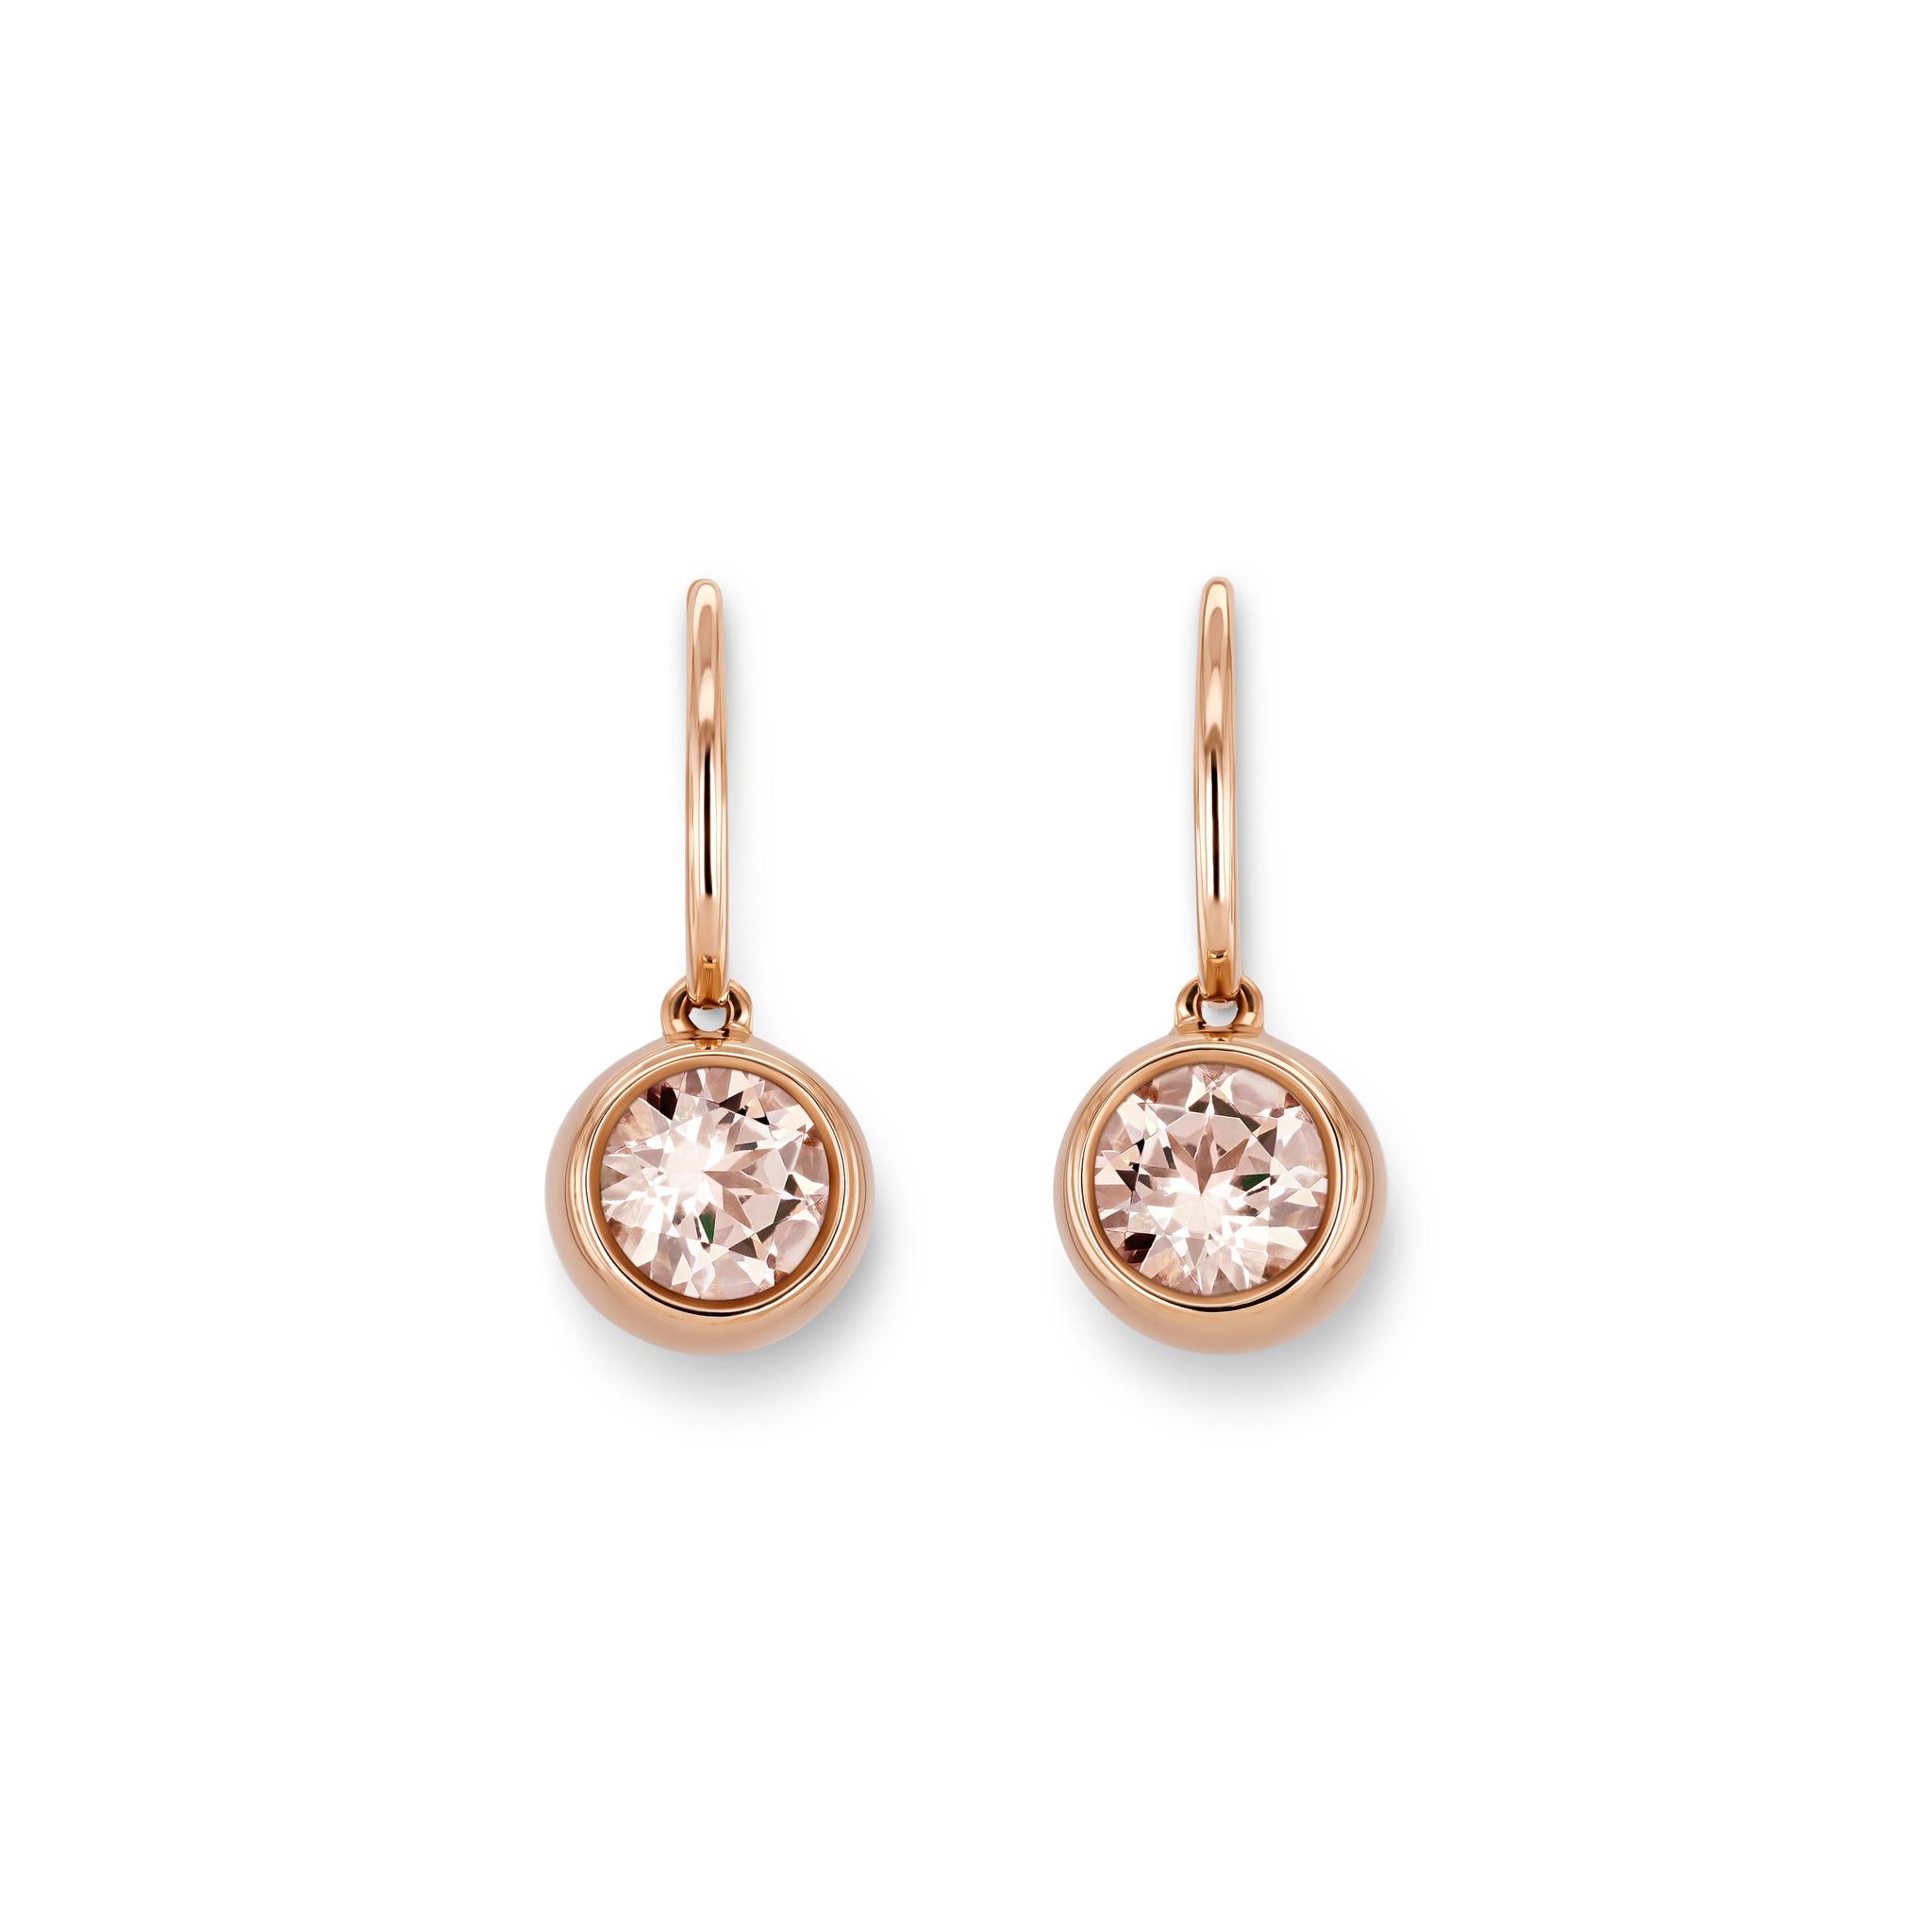 Earrings with morganites